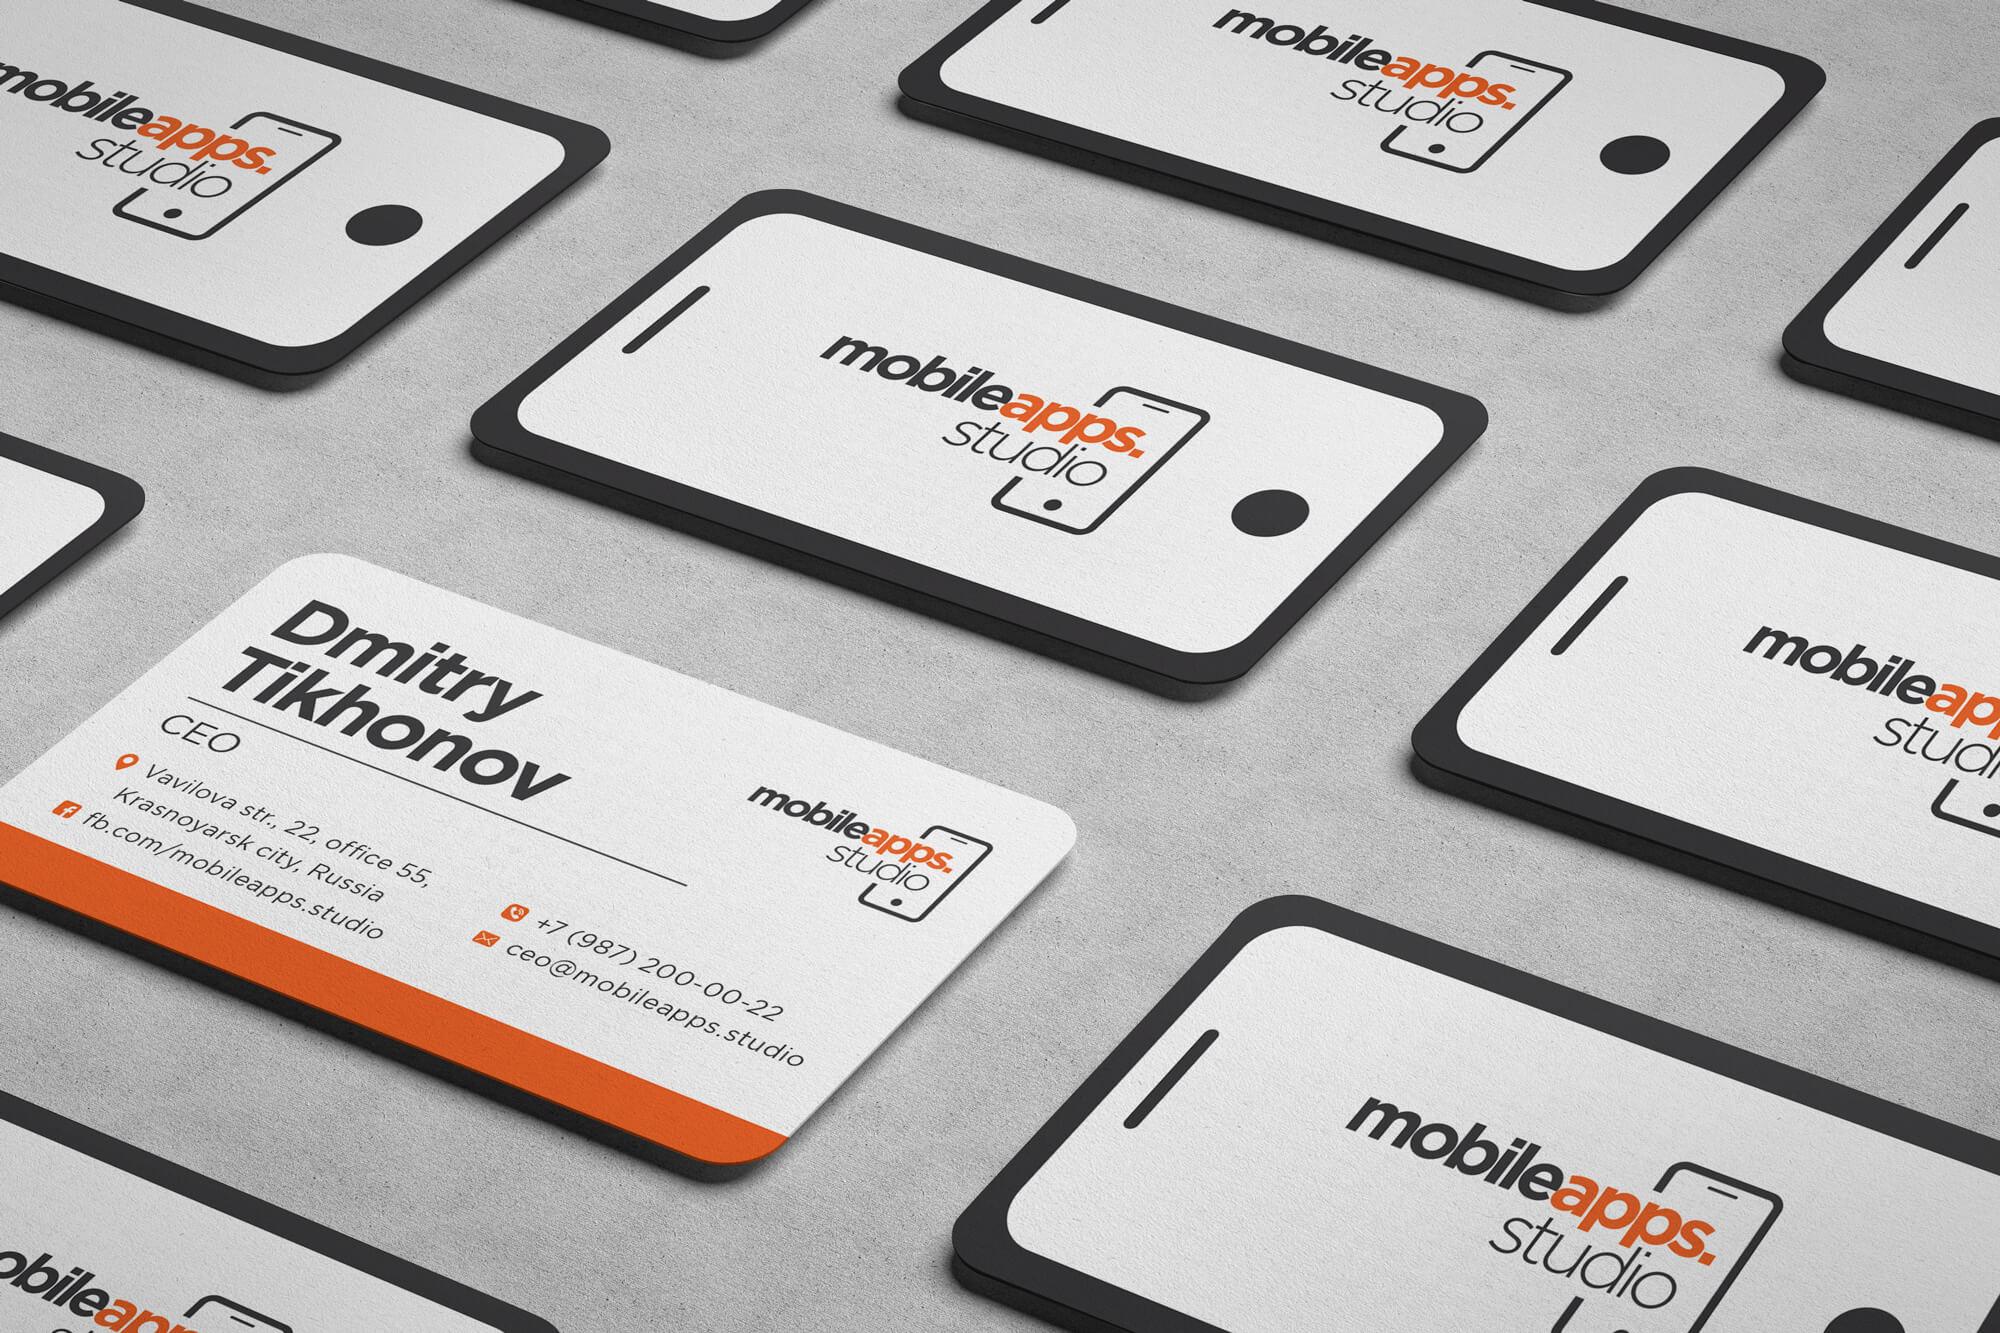 Логотип студии разработки мобильных приложений